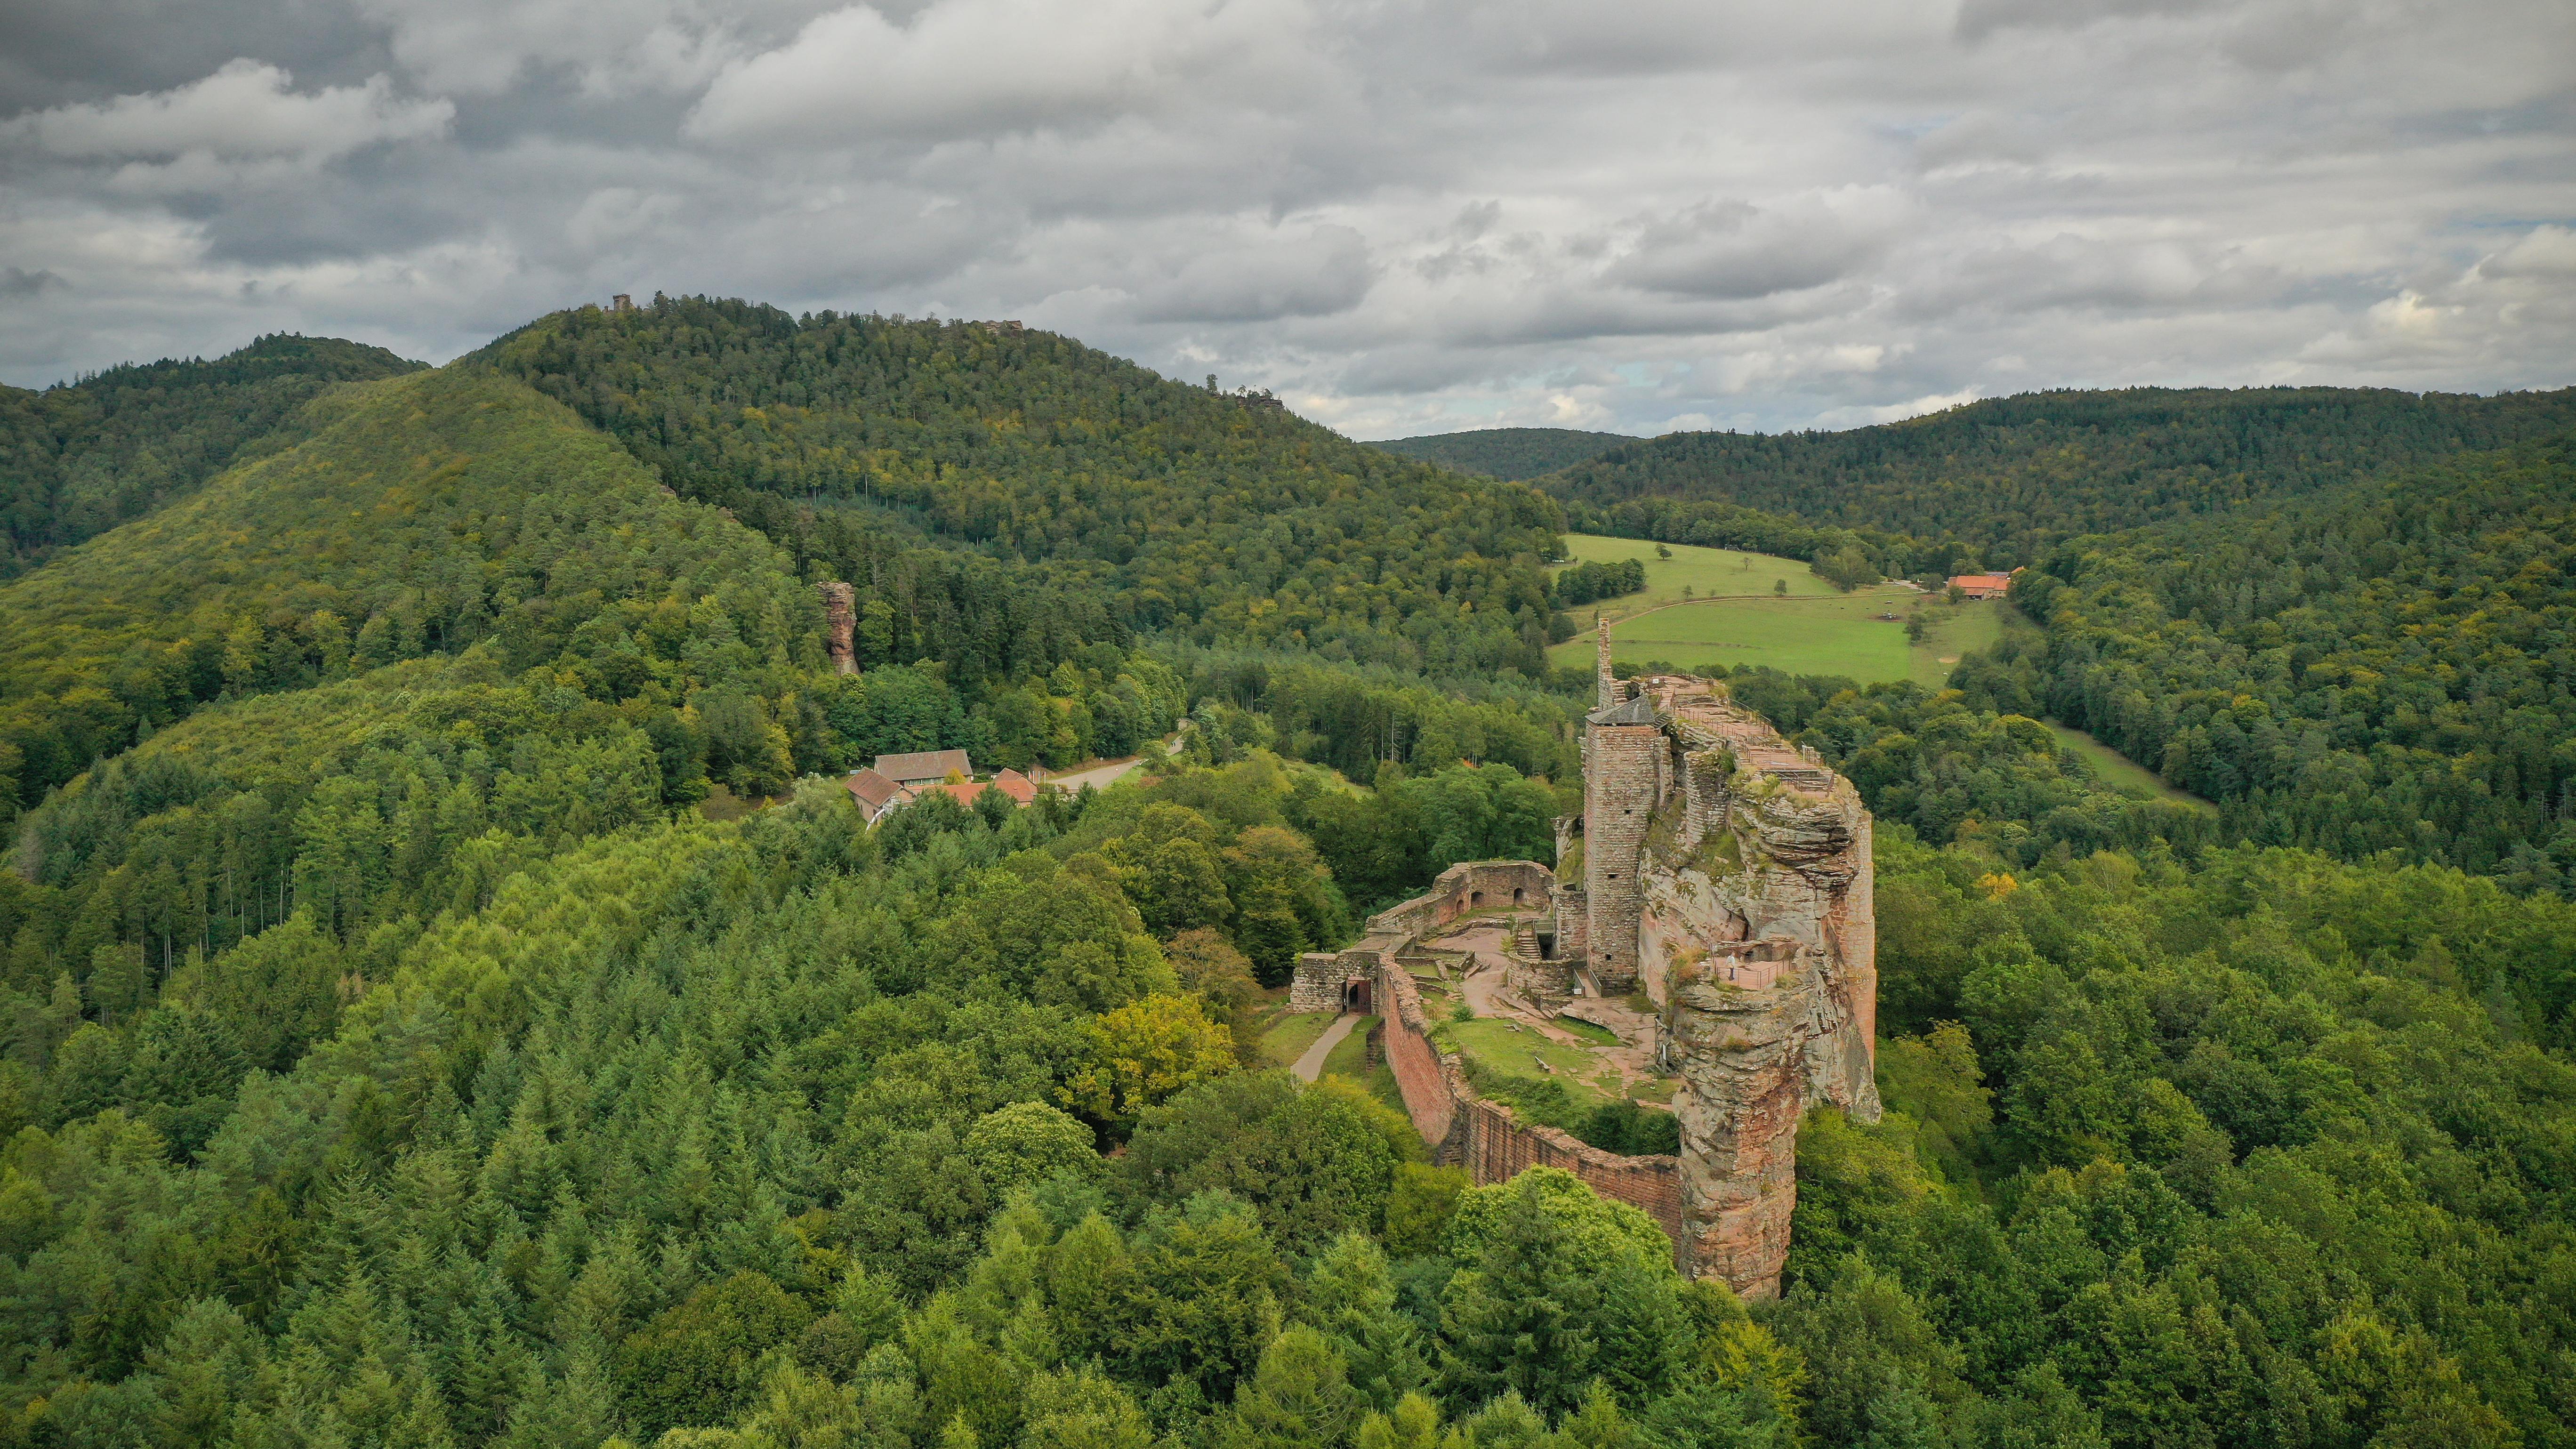 Vue aérienne du château de Fleckenstein dans les Vosges du Nord